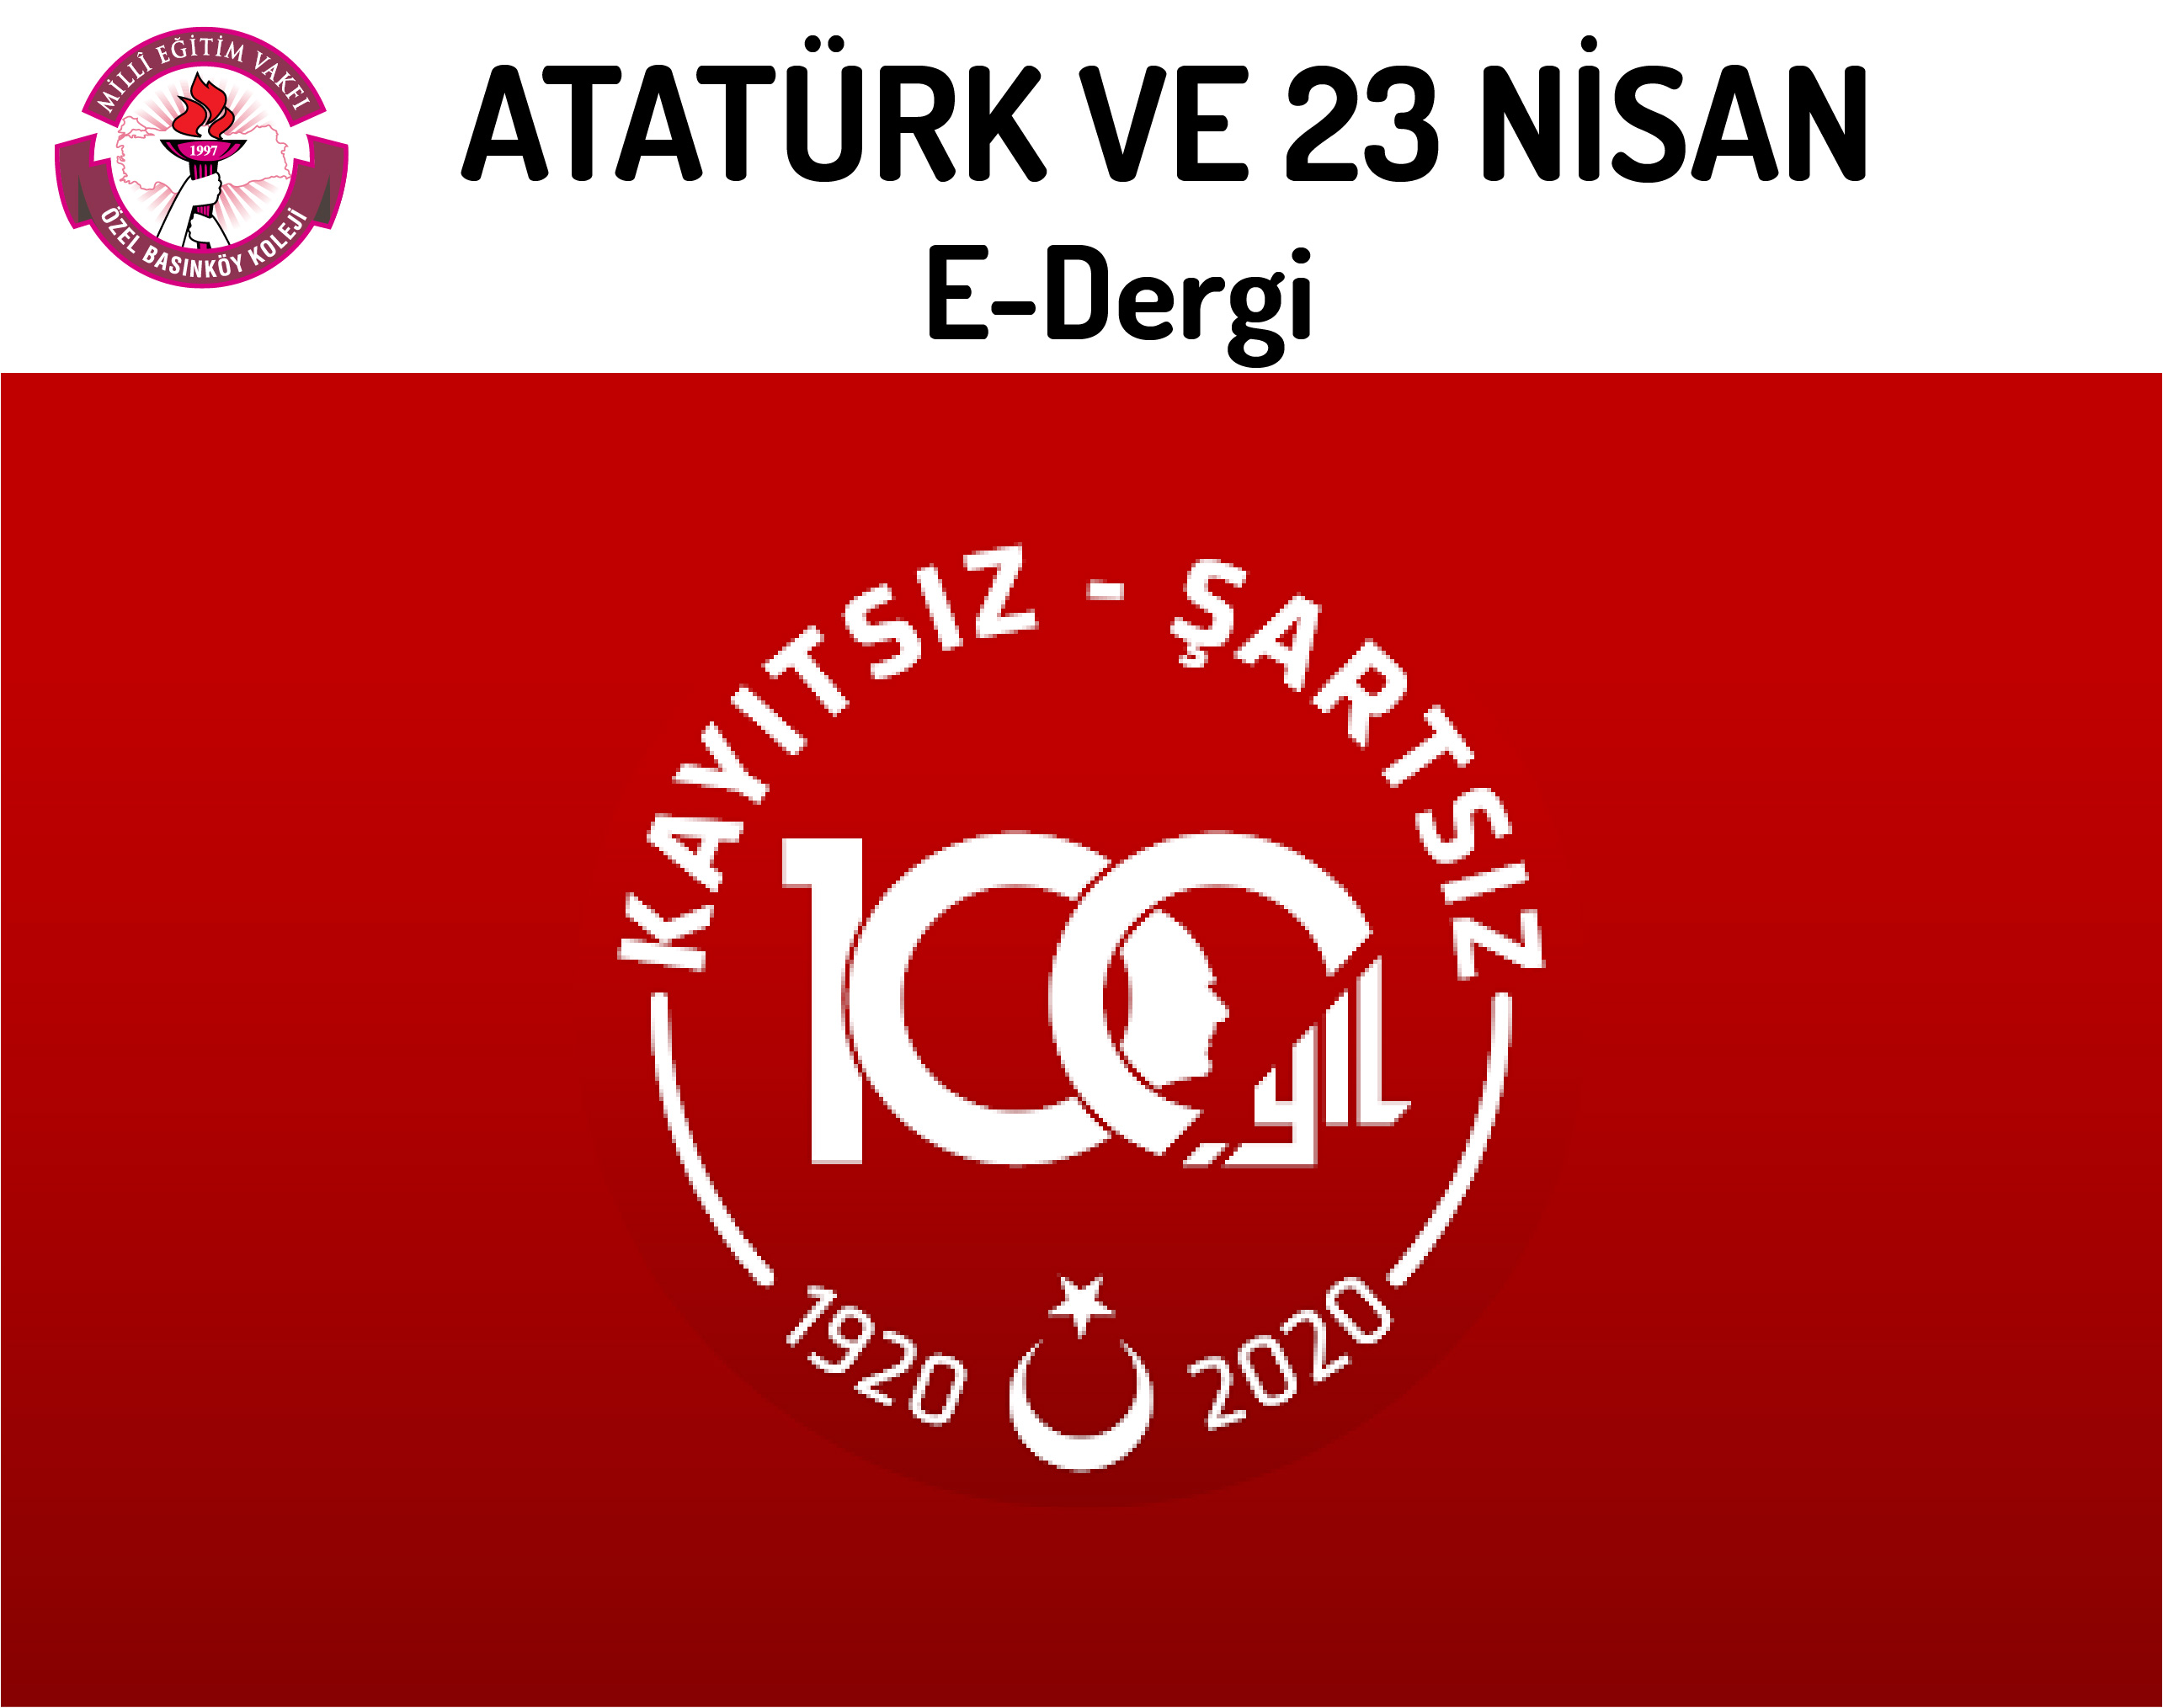 """Atatürk ve 23 Nisan"""" Konulu E-Dergi Çalışması"""